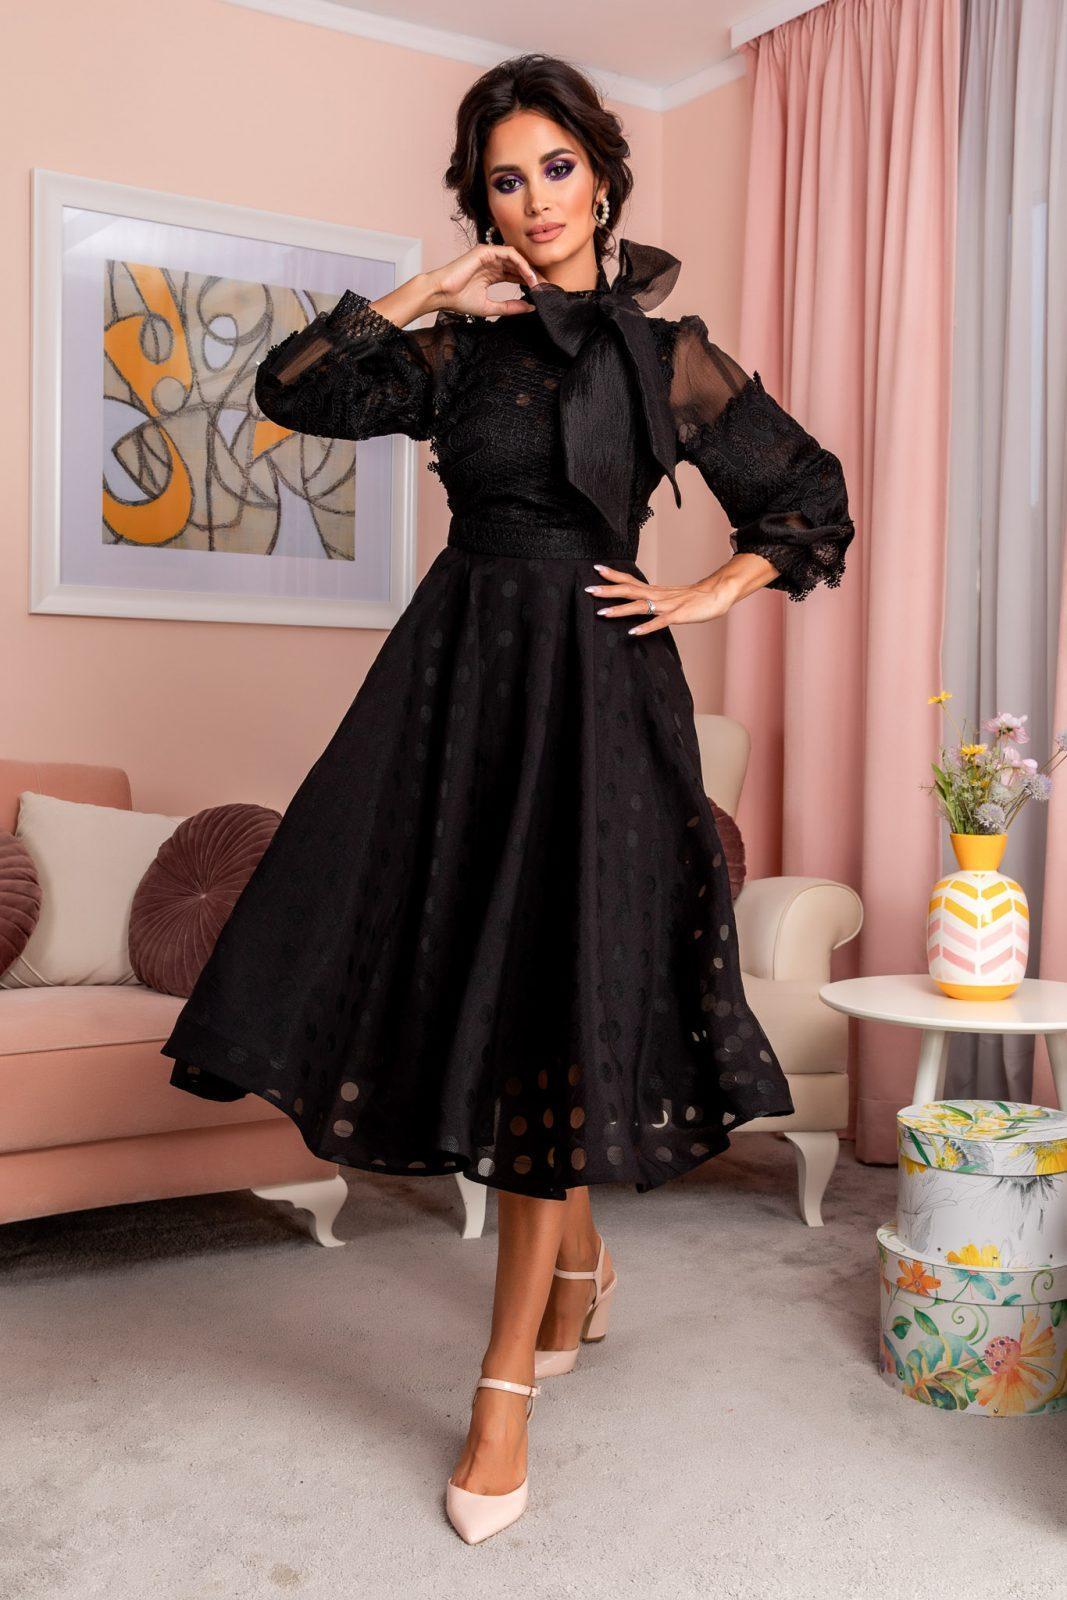 Μαύρο Βραδινό Φόρεμα Με Δαντέλα Radiant 8202